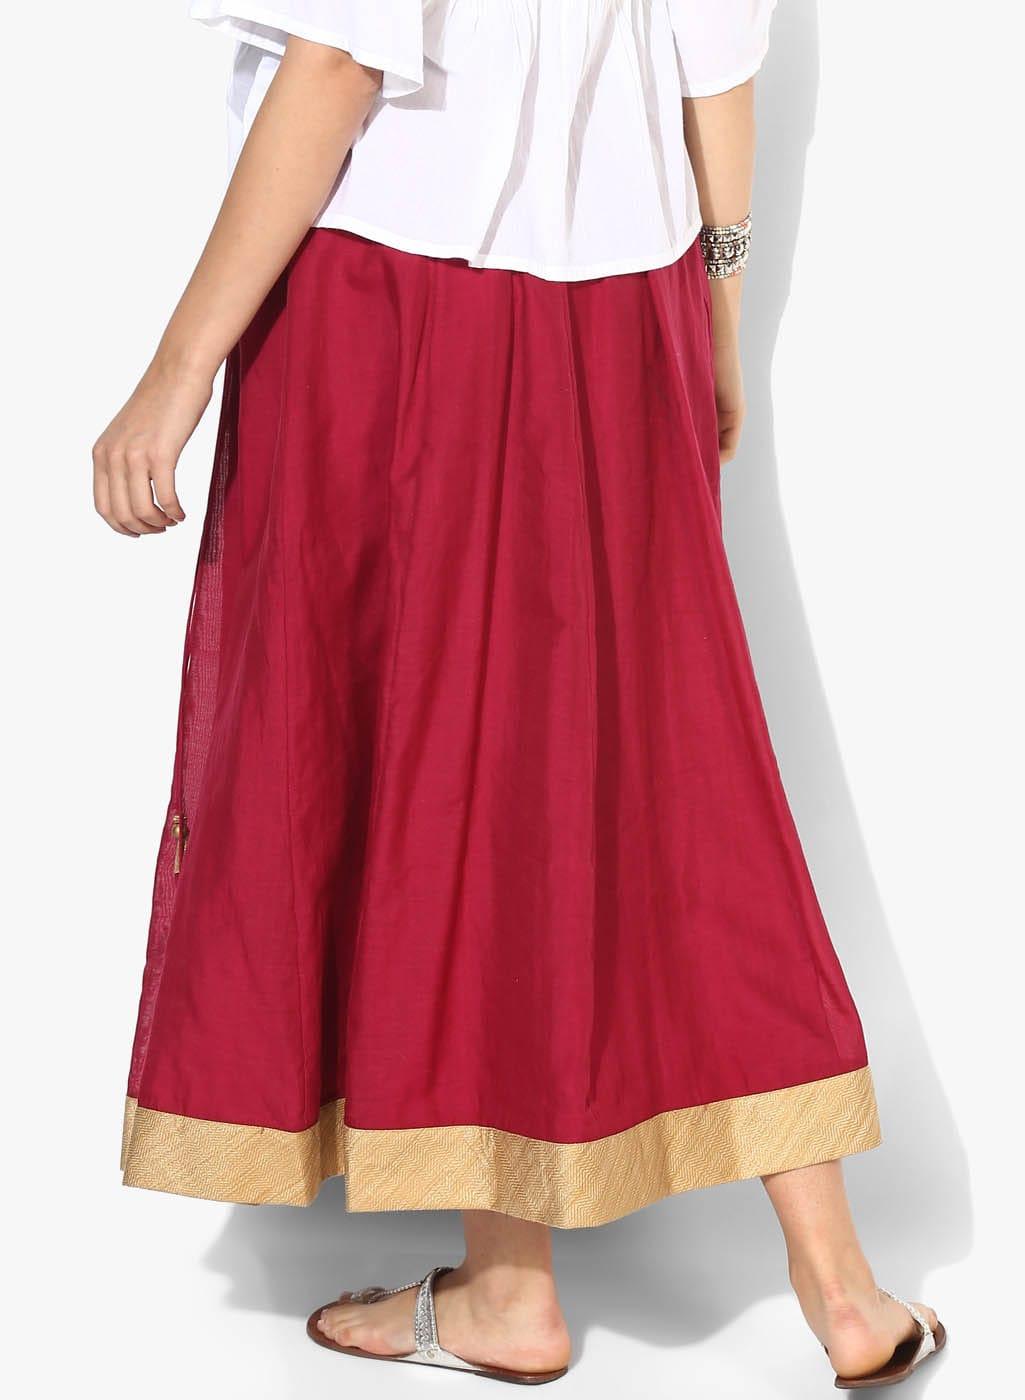 a258685272bb Women Skirts Biba - Buy Women Skirts Biba online in India - Jabong